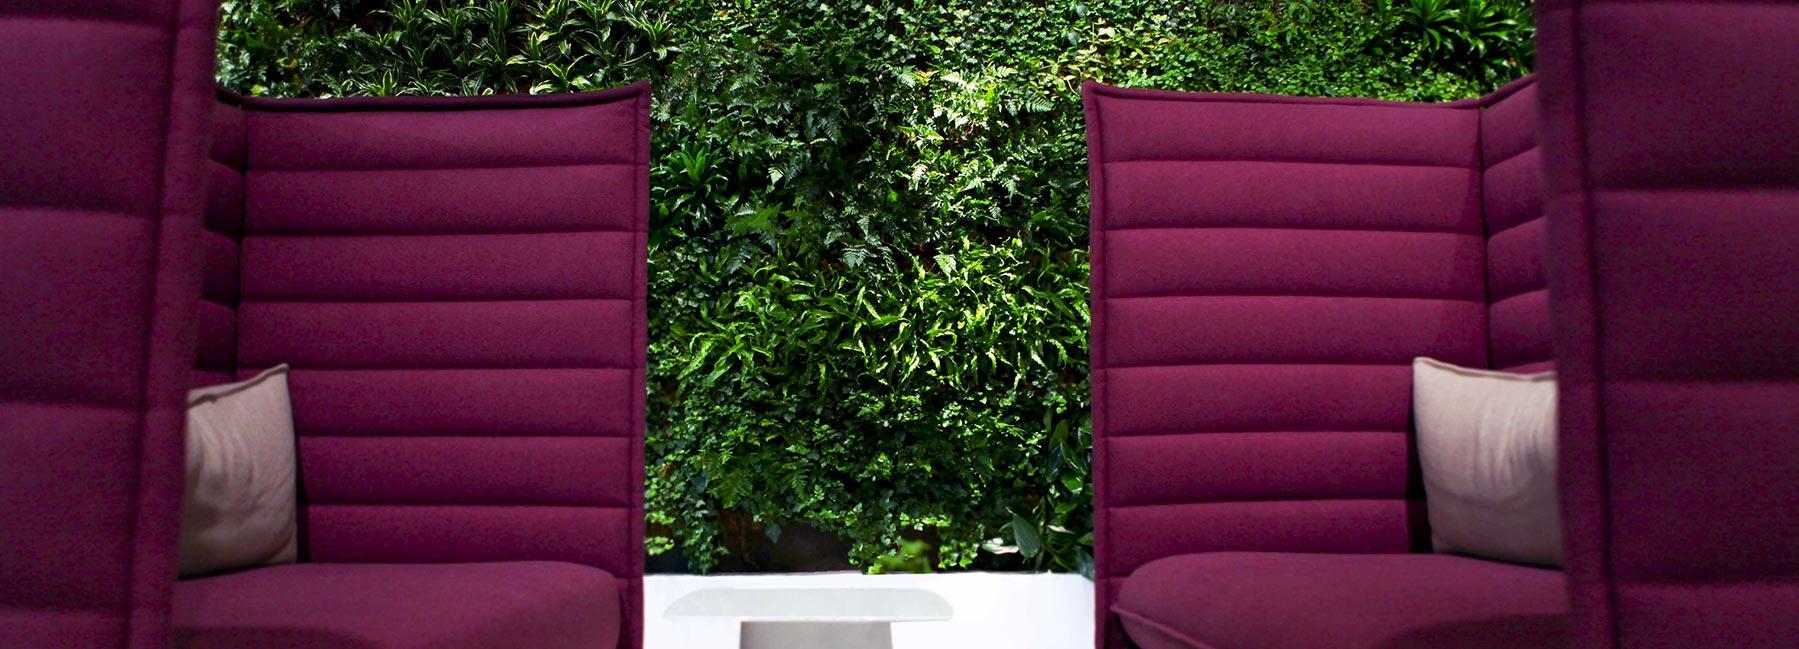 Cerise soffa framför grön växtvägg från Vertical Plants System